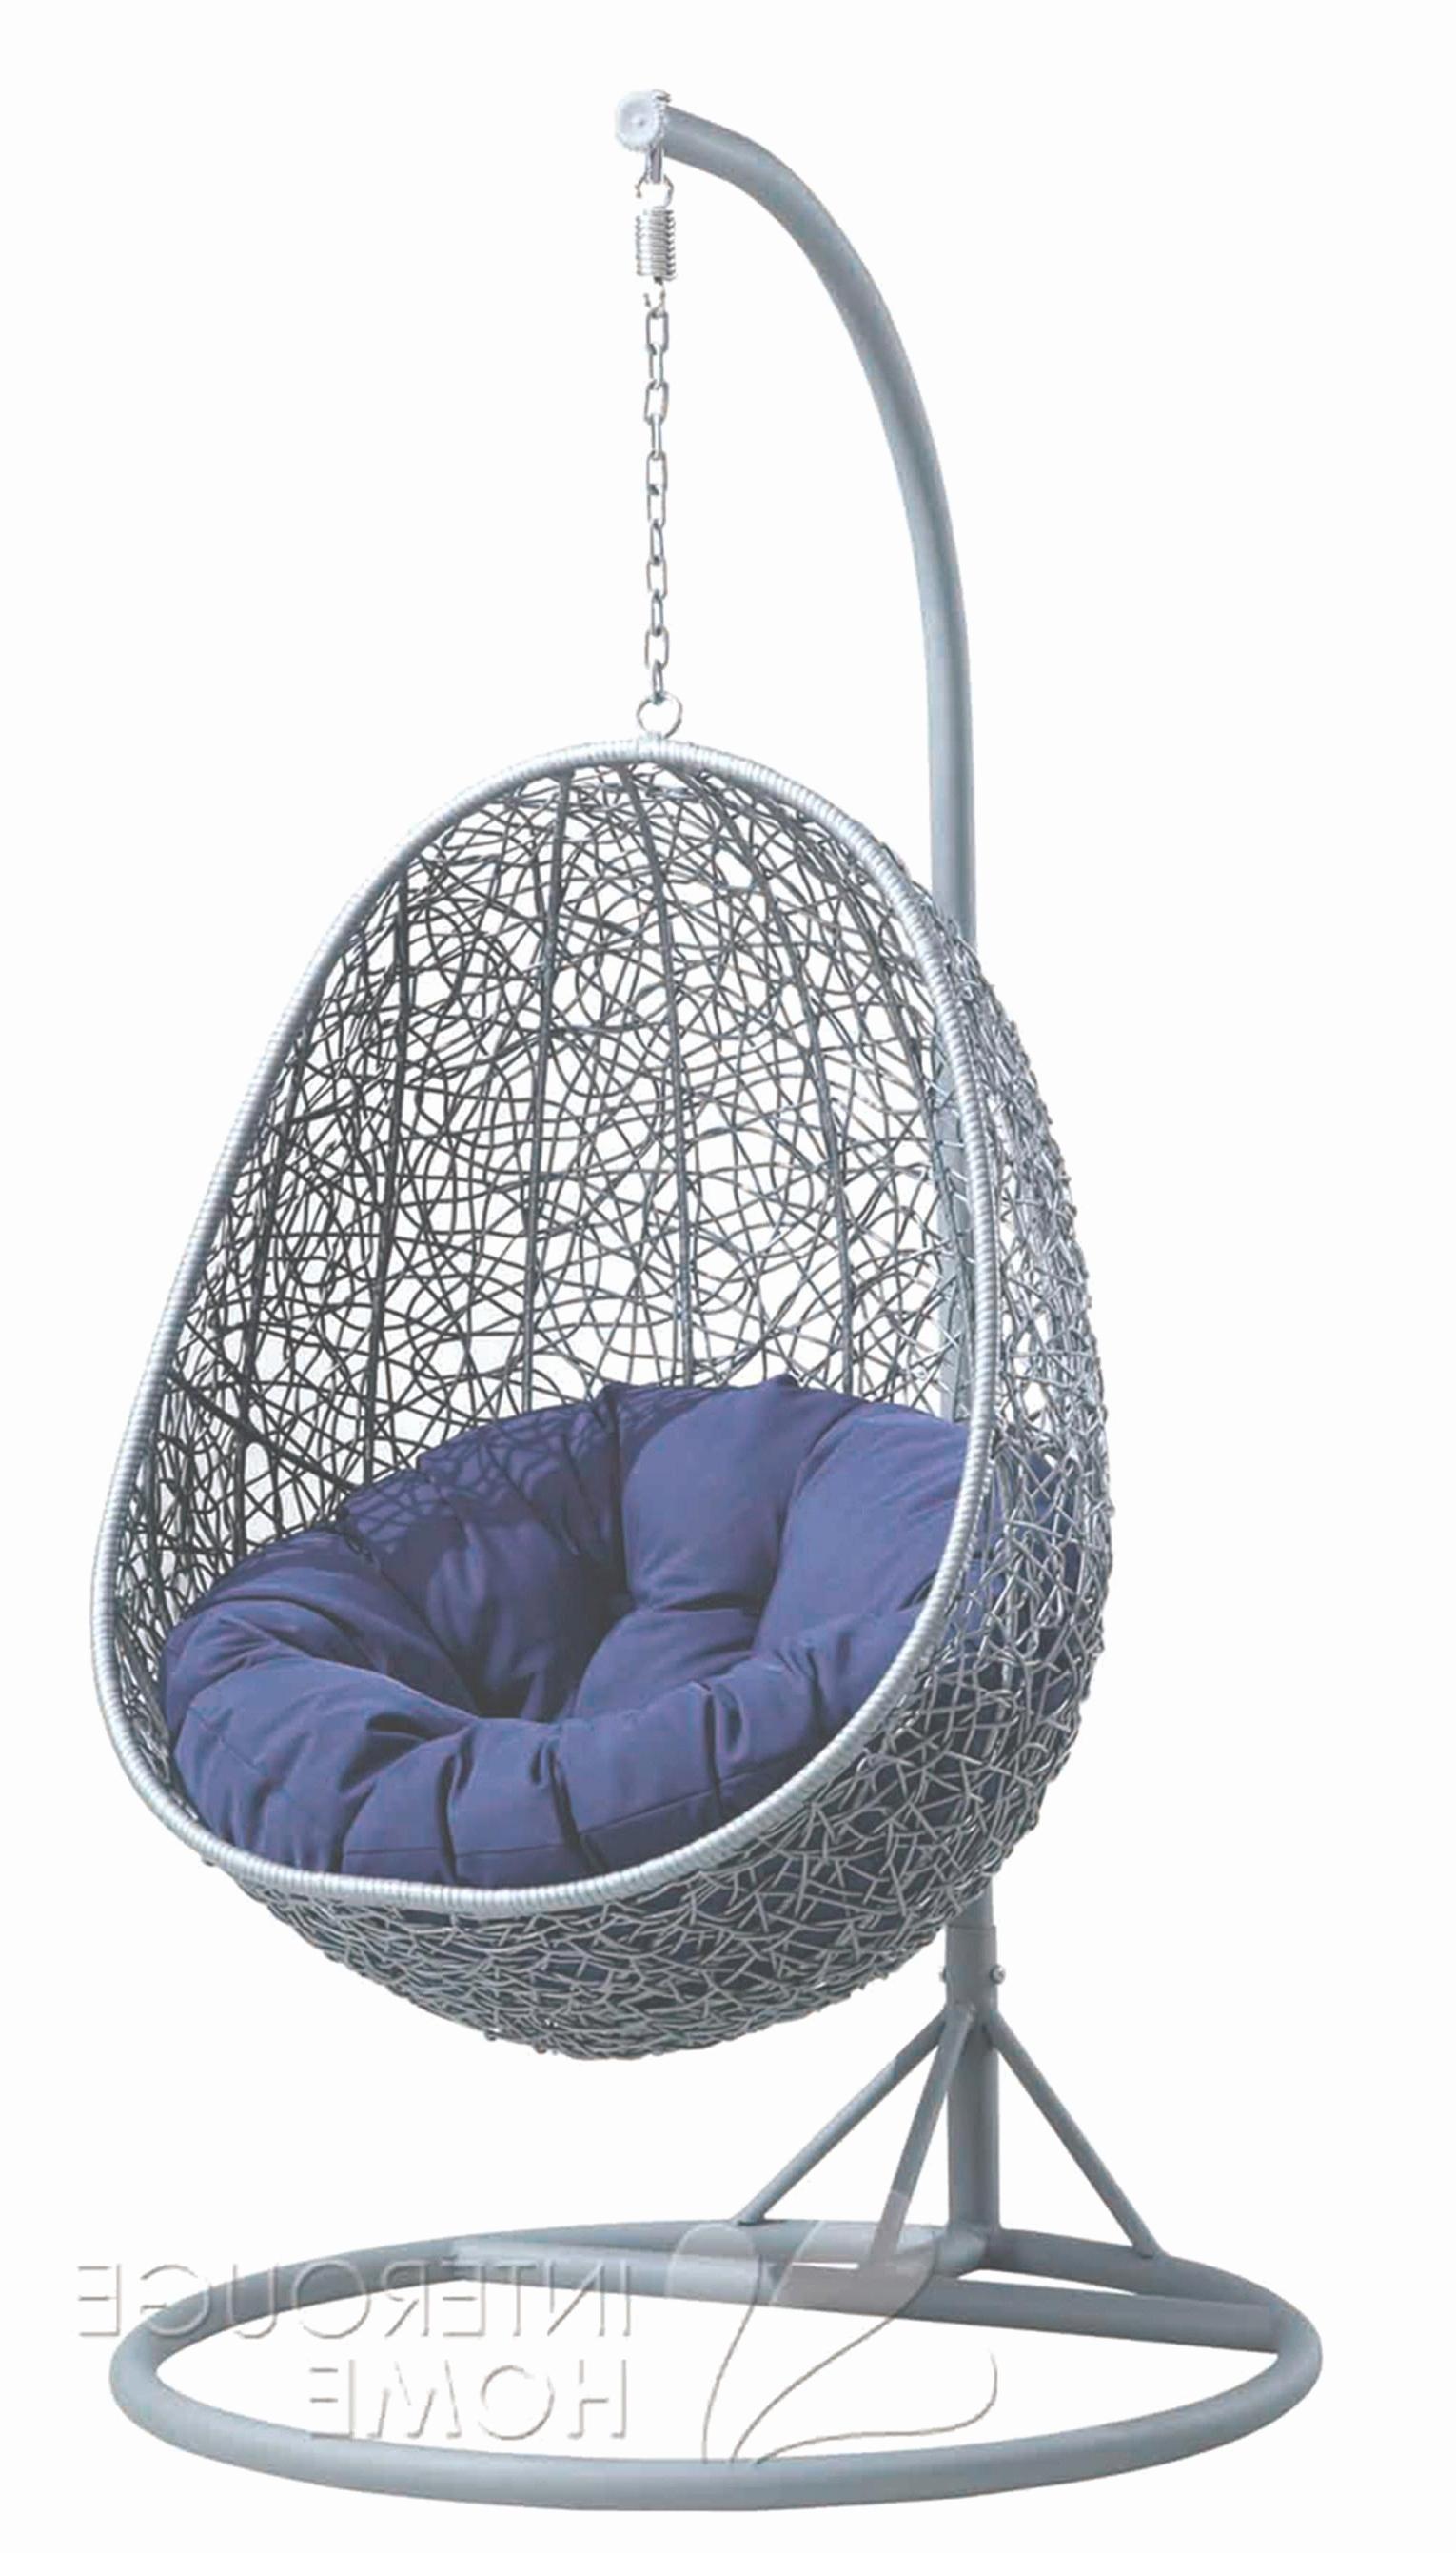 Tonnelle Pliable Gifi Frais Stock Chaises Longues Gifi Génial tonnelle De Jardin Gifi De Confortable